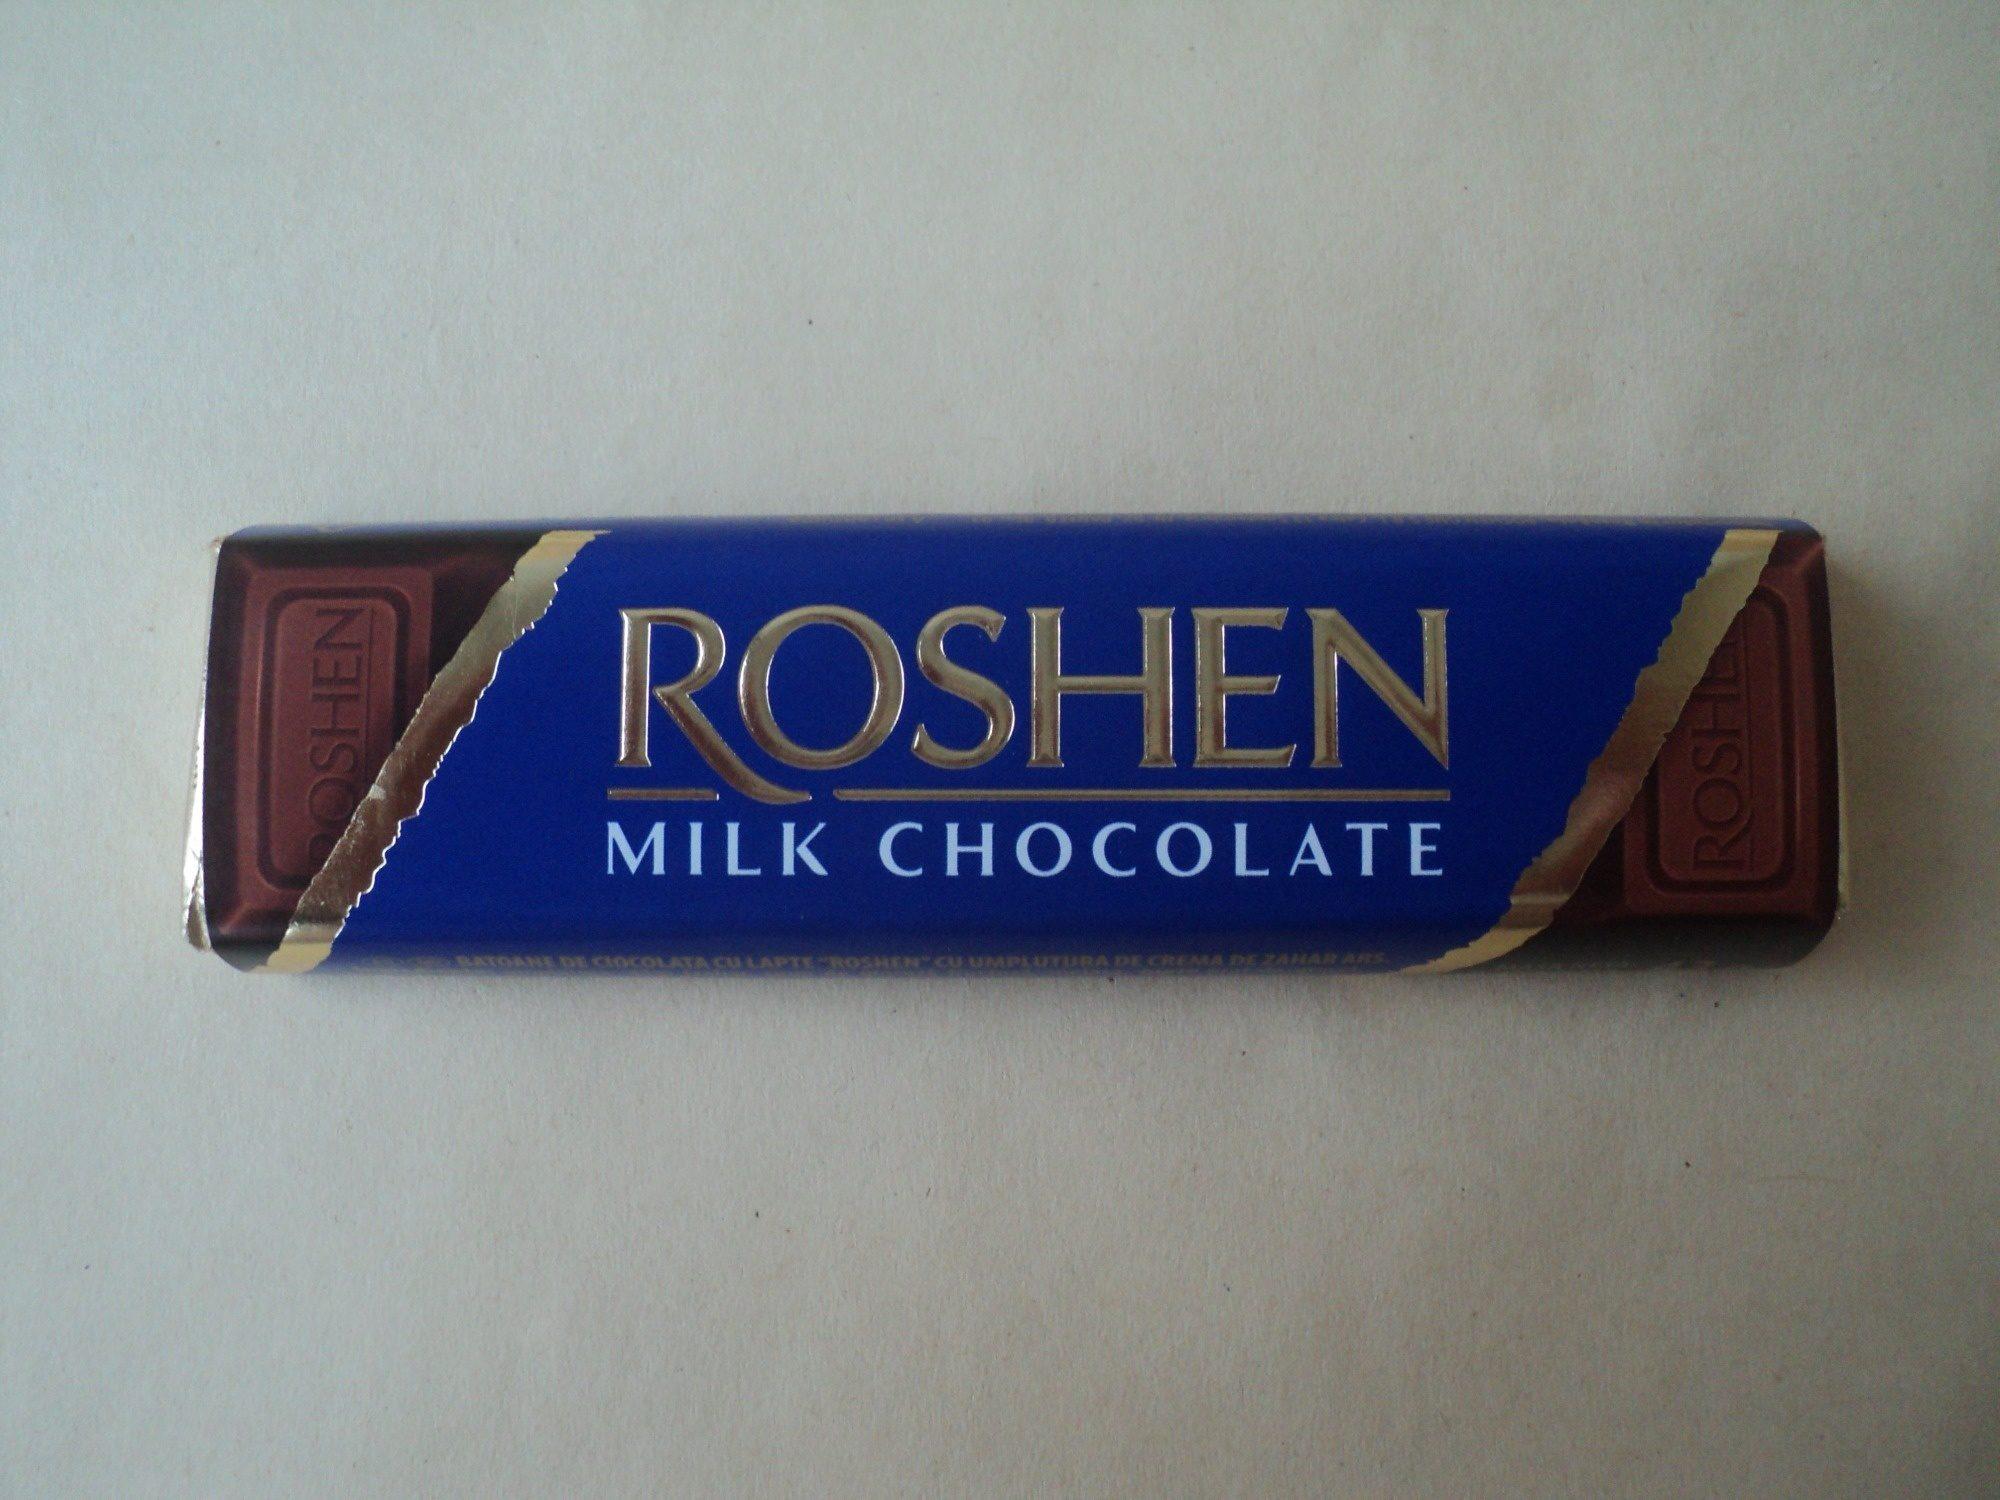 Roshen Baton de ciocolata cu lapte cu umplutura de crema de zahar ars - Product